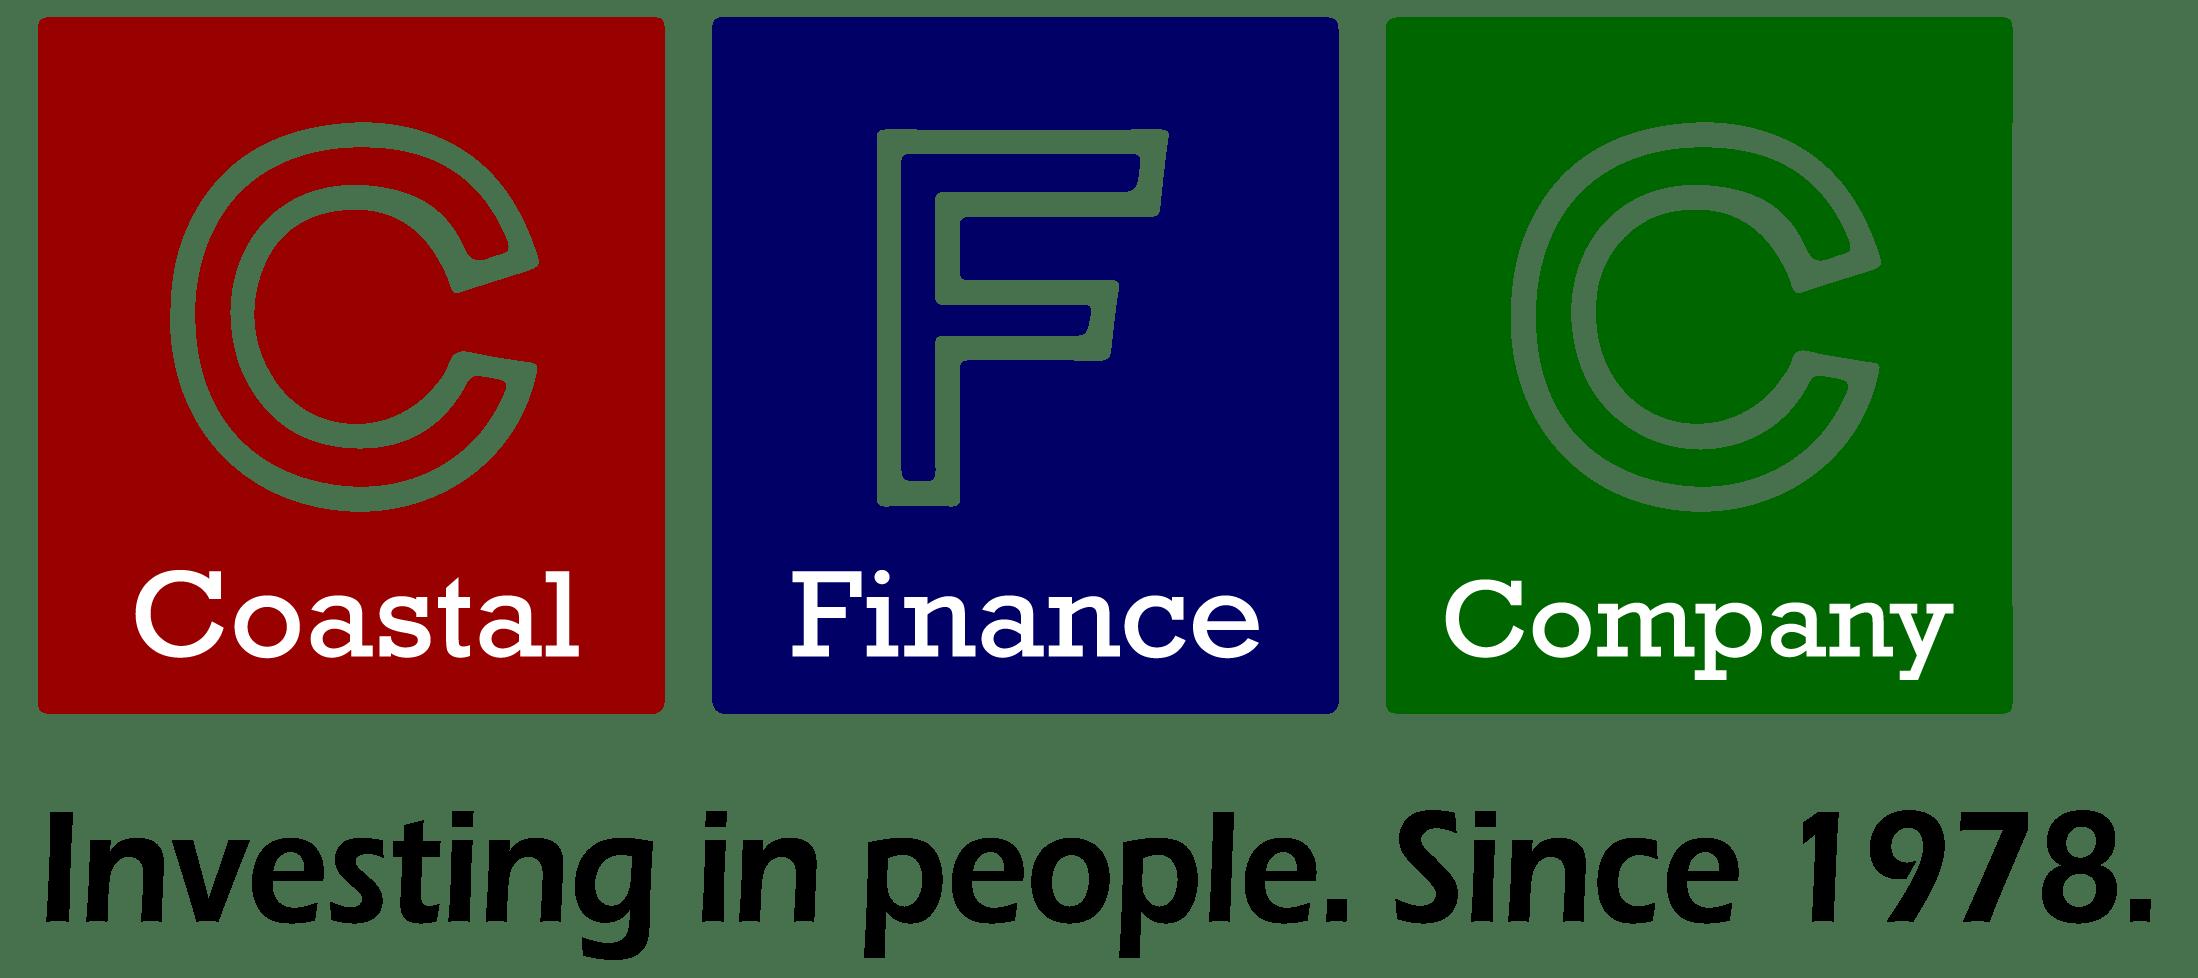 Coastal Finance Company logo